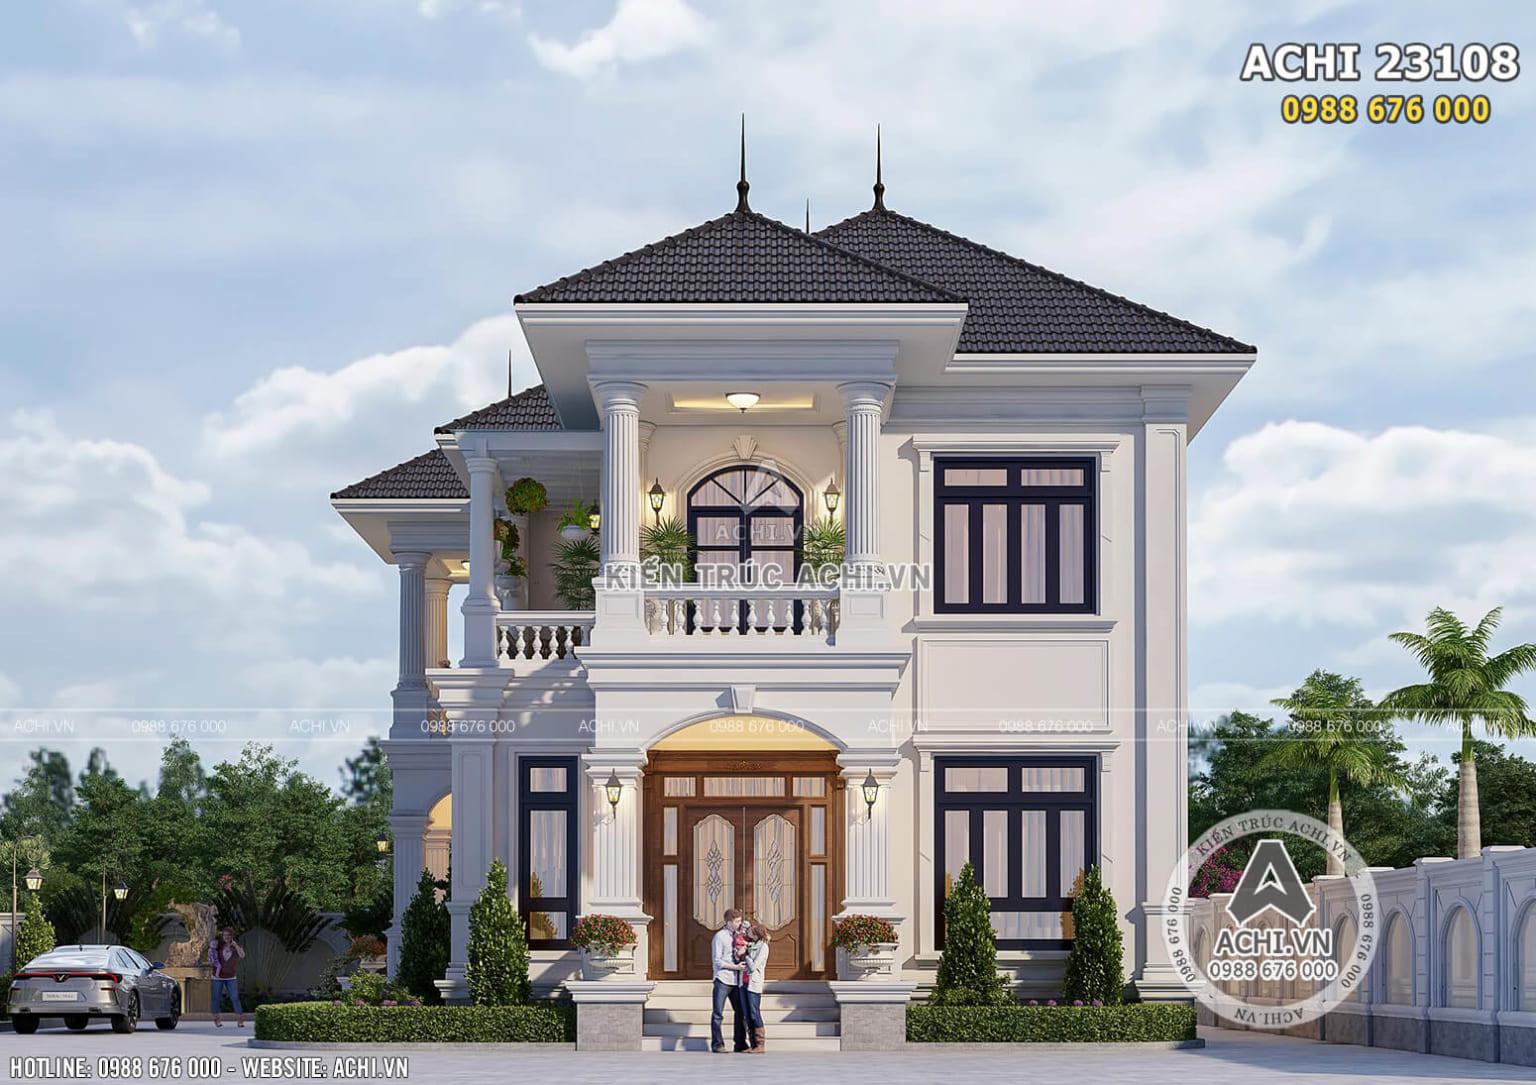 Hình ảnh: Thiết kế biệt thự 2 tầng phong cách tân cổ điển đẹp 150m2 tại Vĩnh Long – ACHI 23108